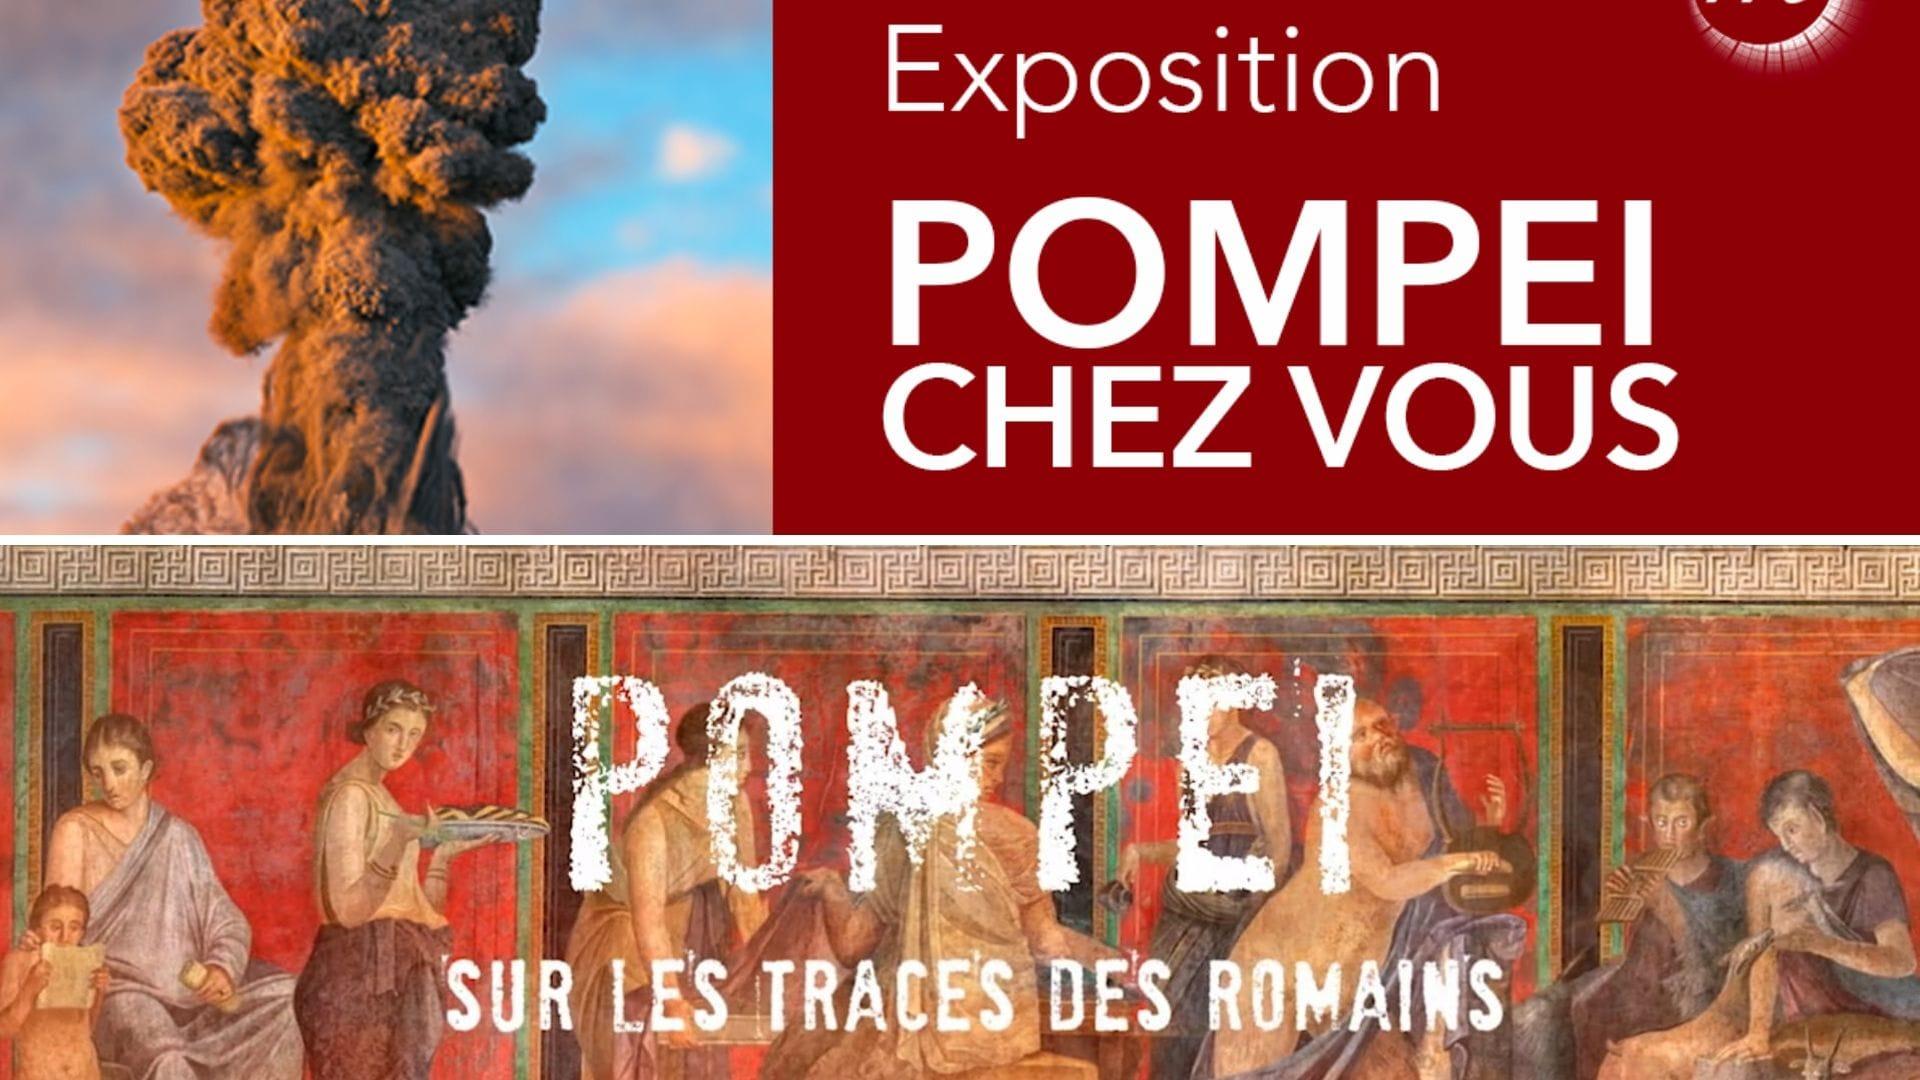 Pompéi chez vous - Pompéi, sur les traces des Romains affiches exposition et série documentaire